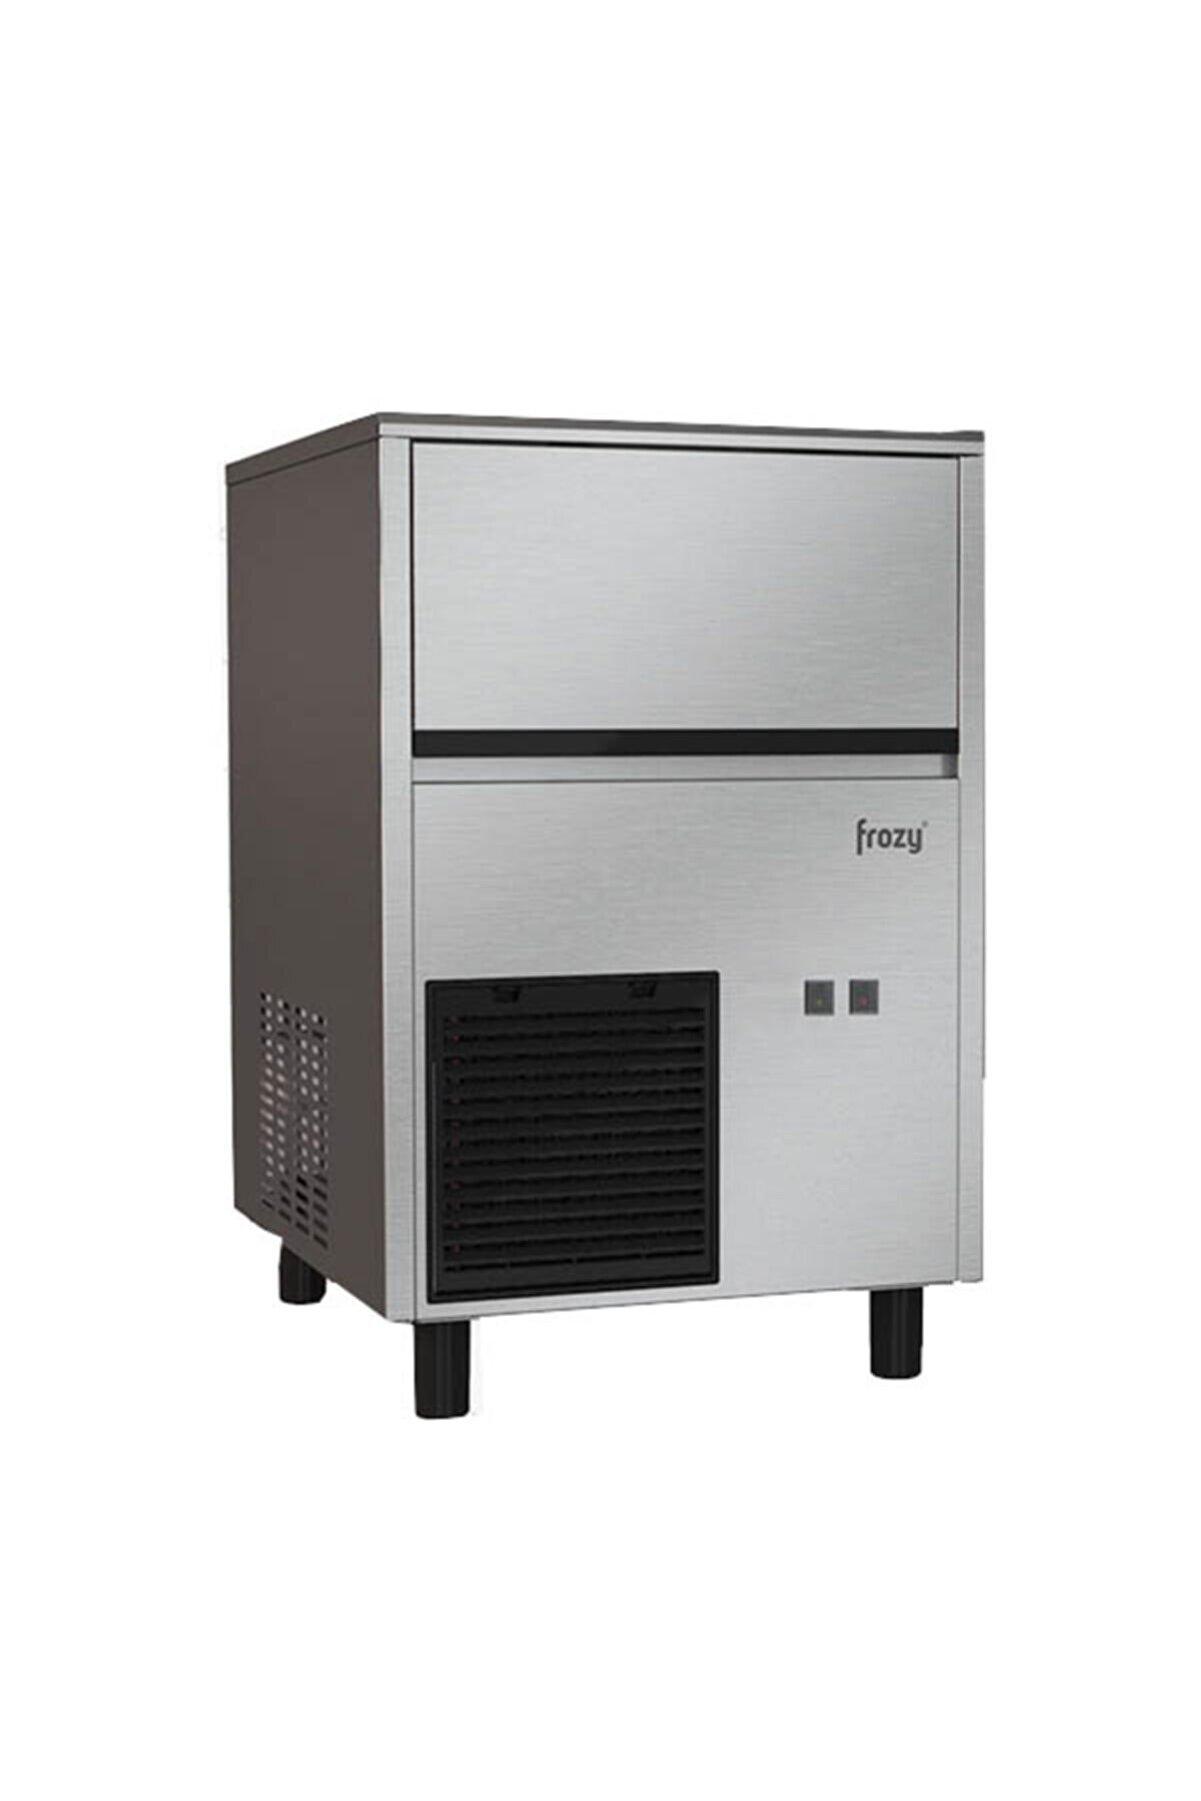 frozy Fr40 Küp Buz Makinesi Kendinden Hazneli 40 kg Gün